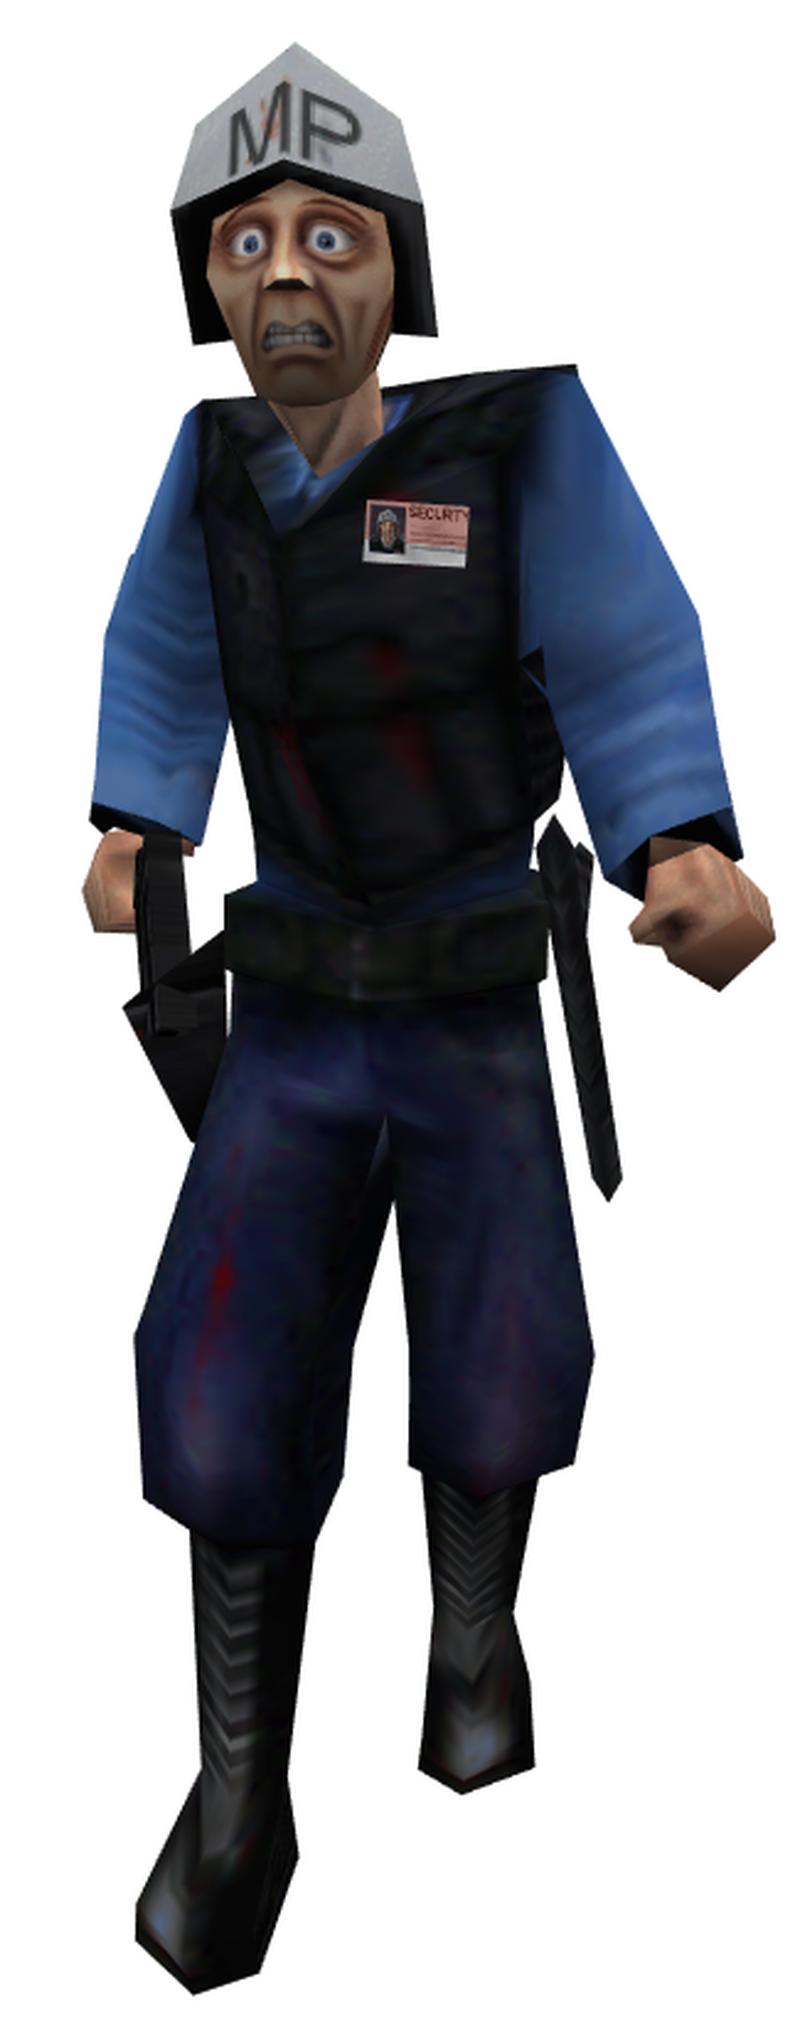 Ранняя версия Барни. Буквы MP на шлеме обозначают военную полицию — на первых порах никакой охраны комплекса в игре не было